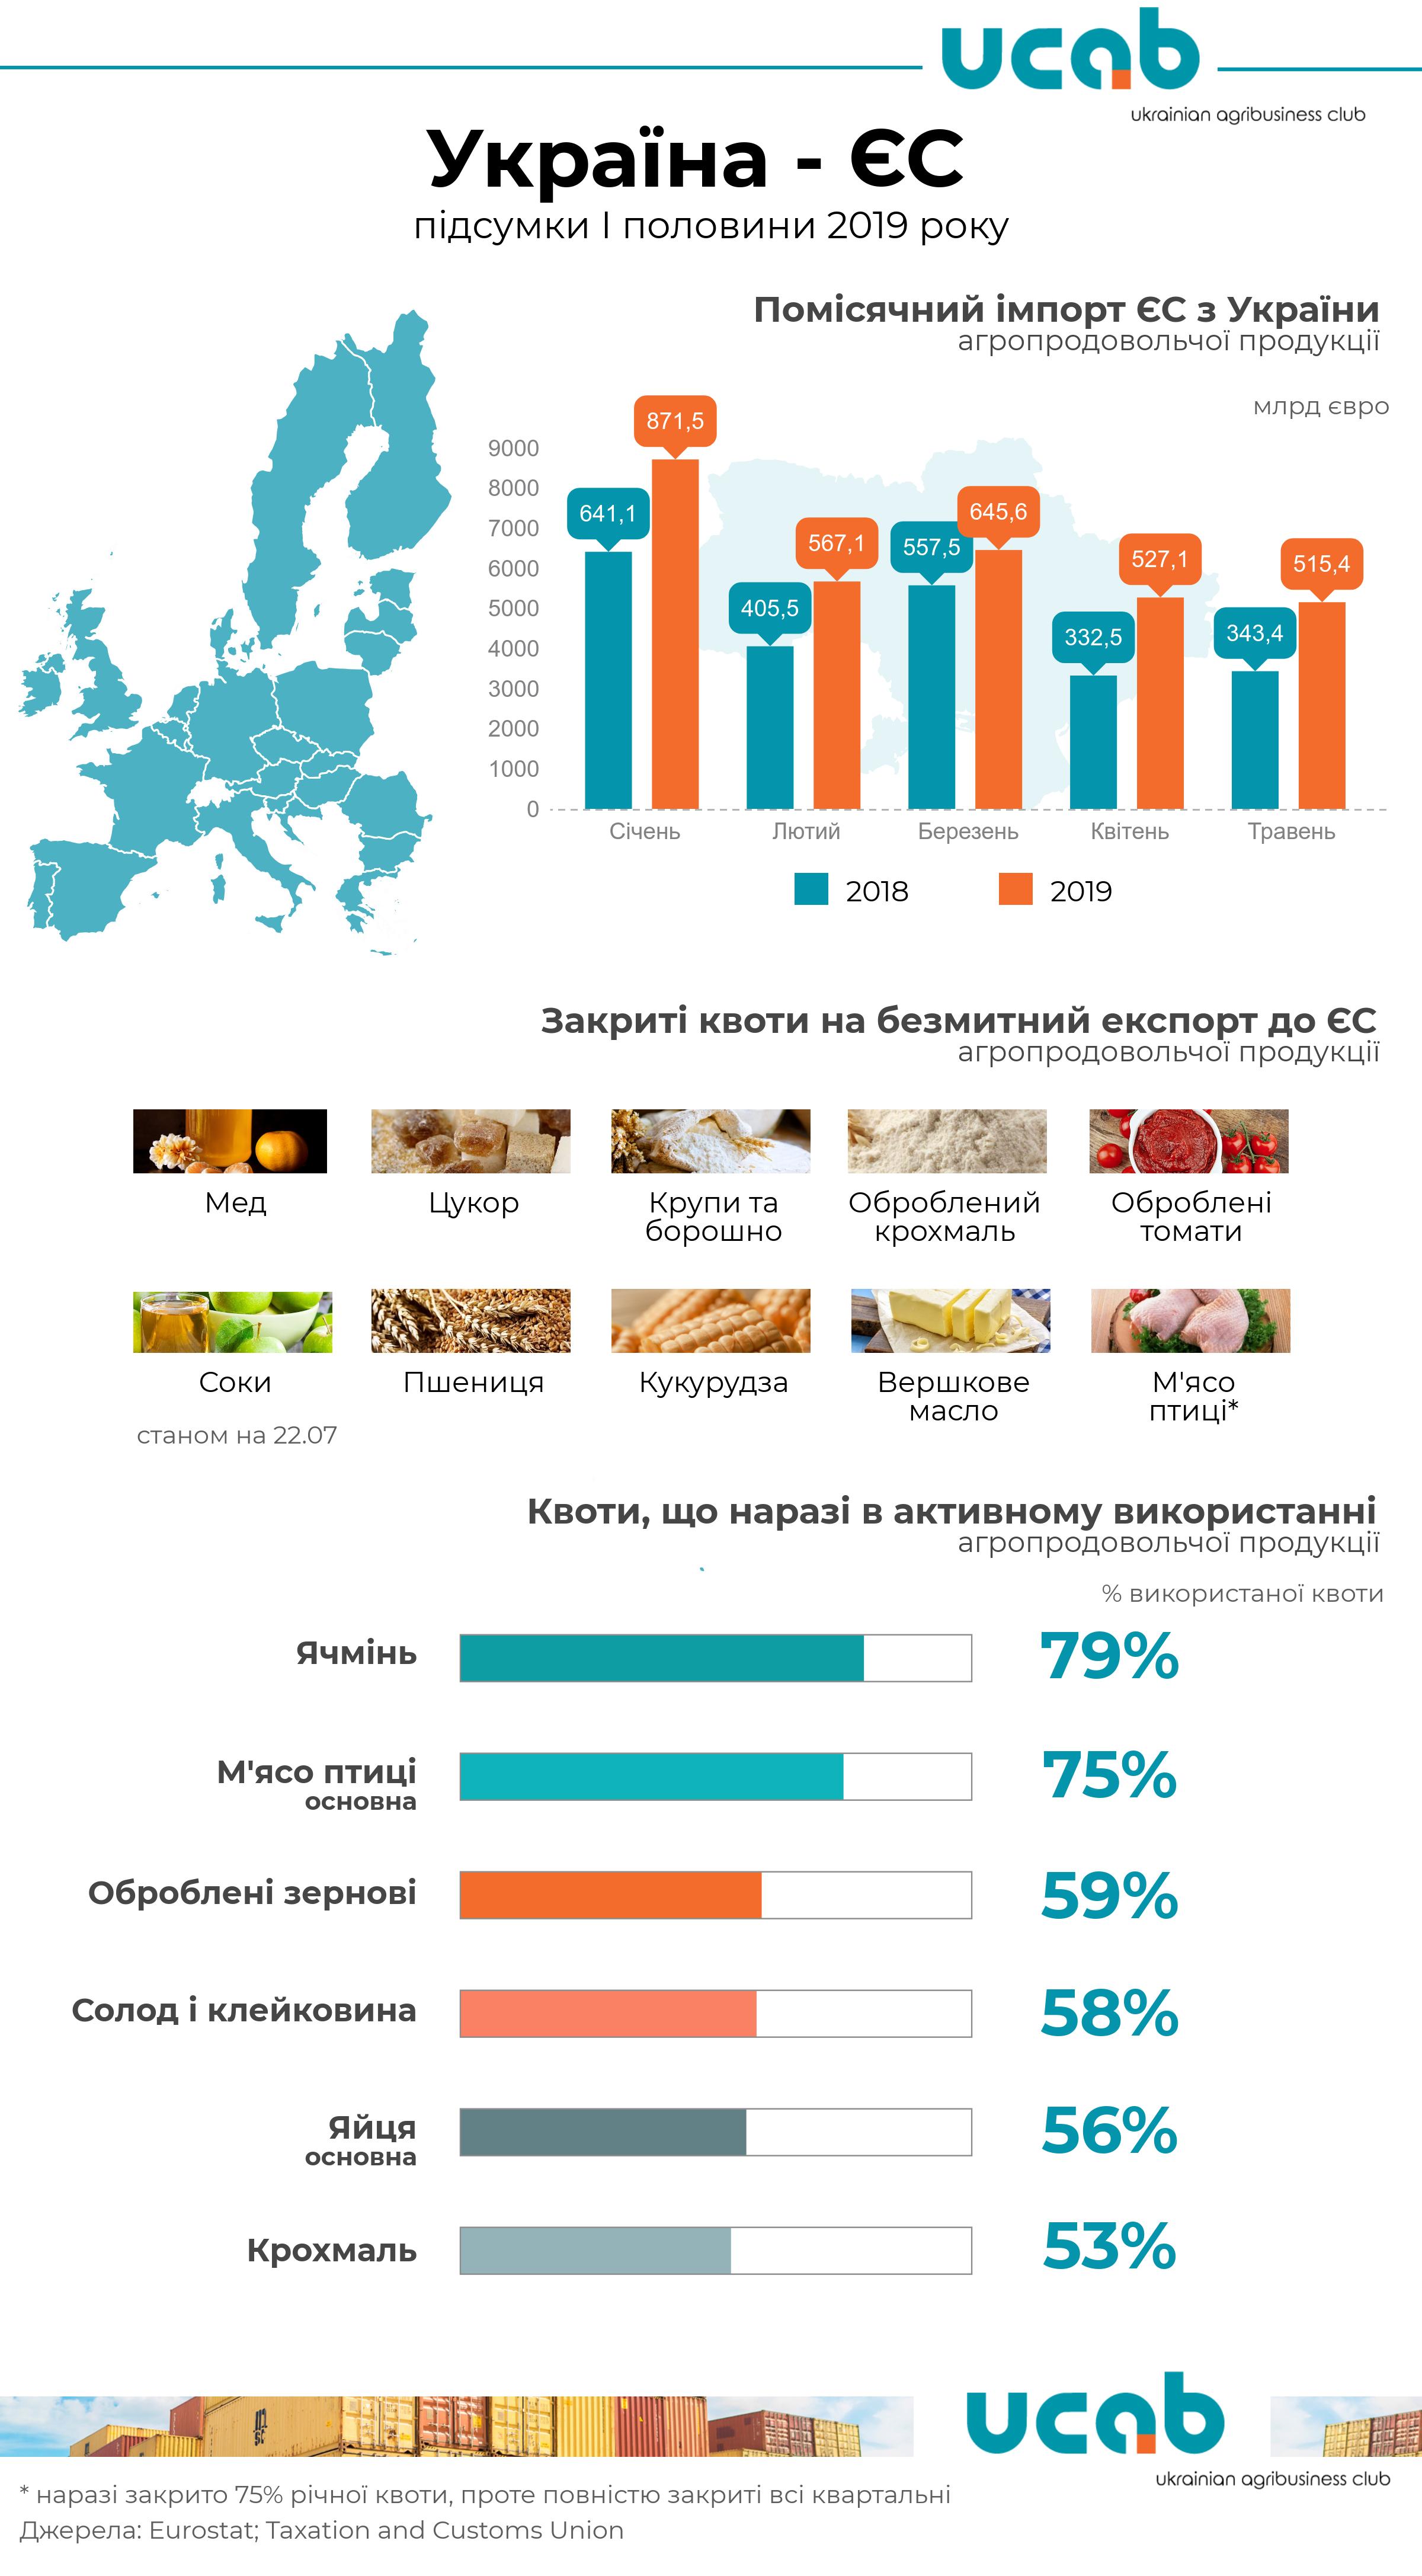 Украина закрыла девять квот на беспошлинный ввоз продуктов в ЕС